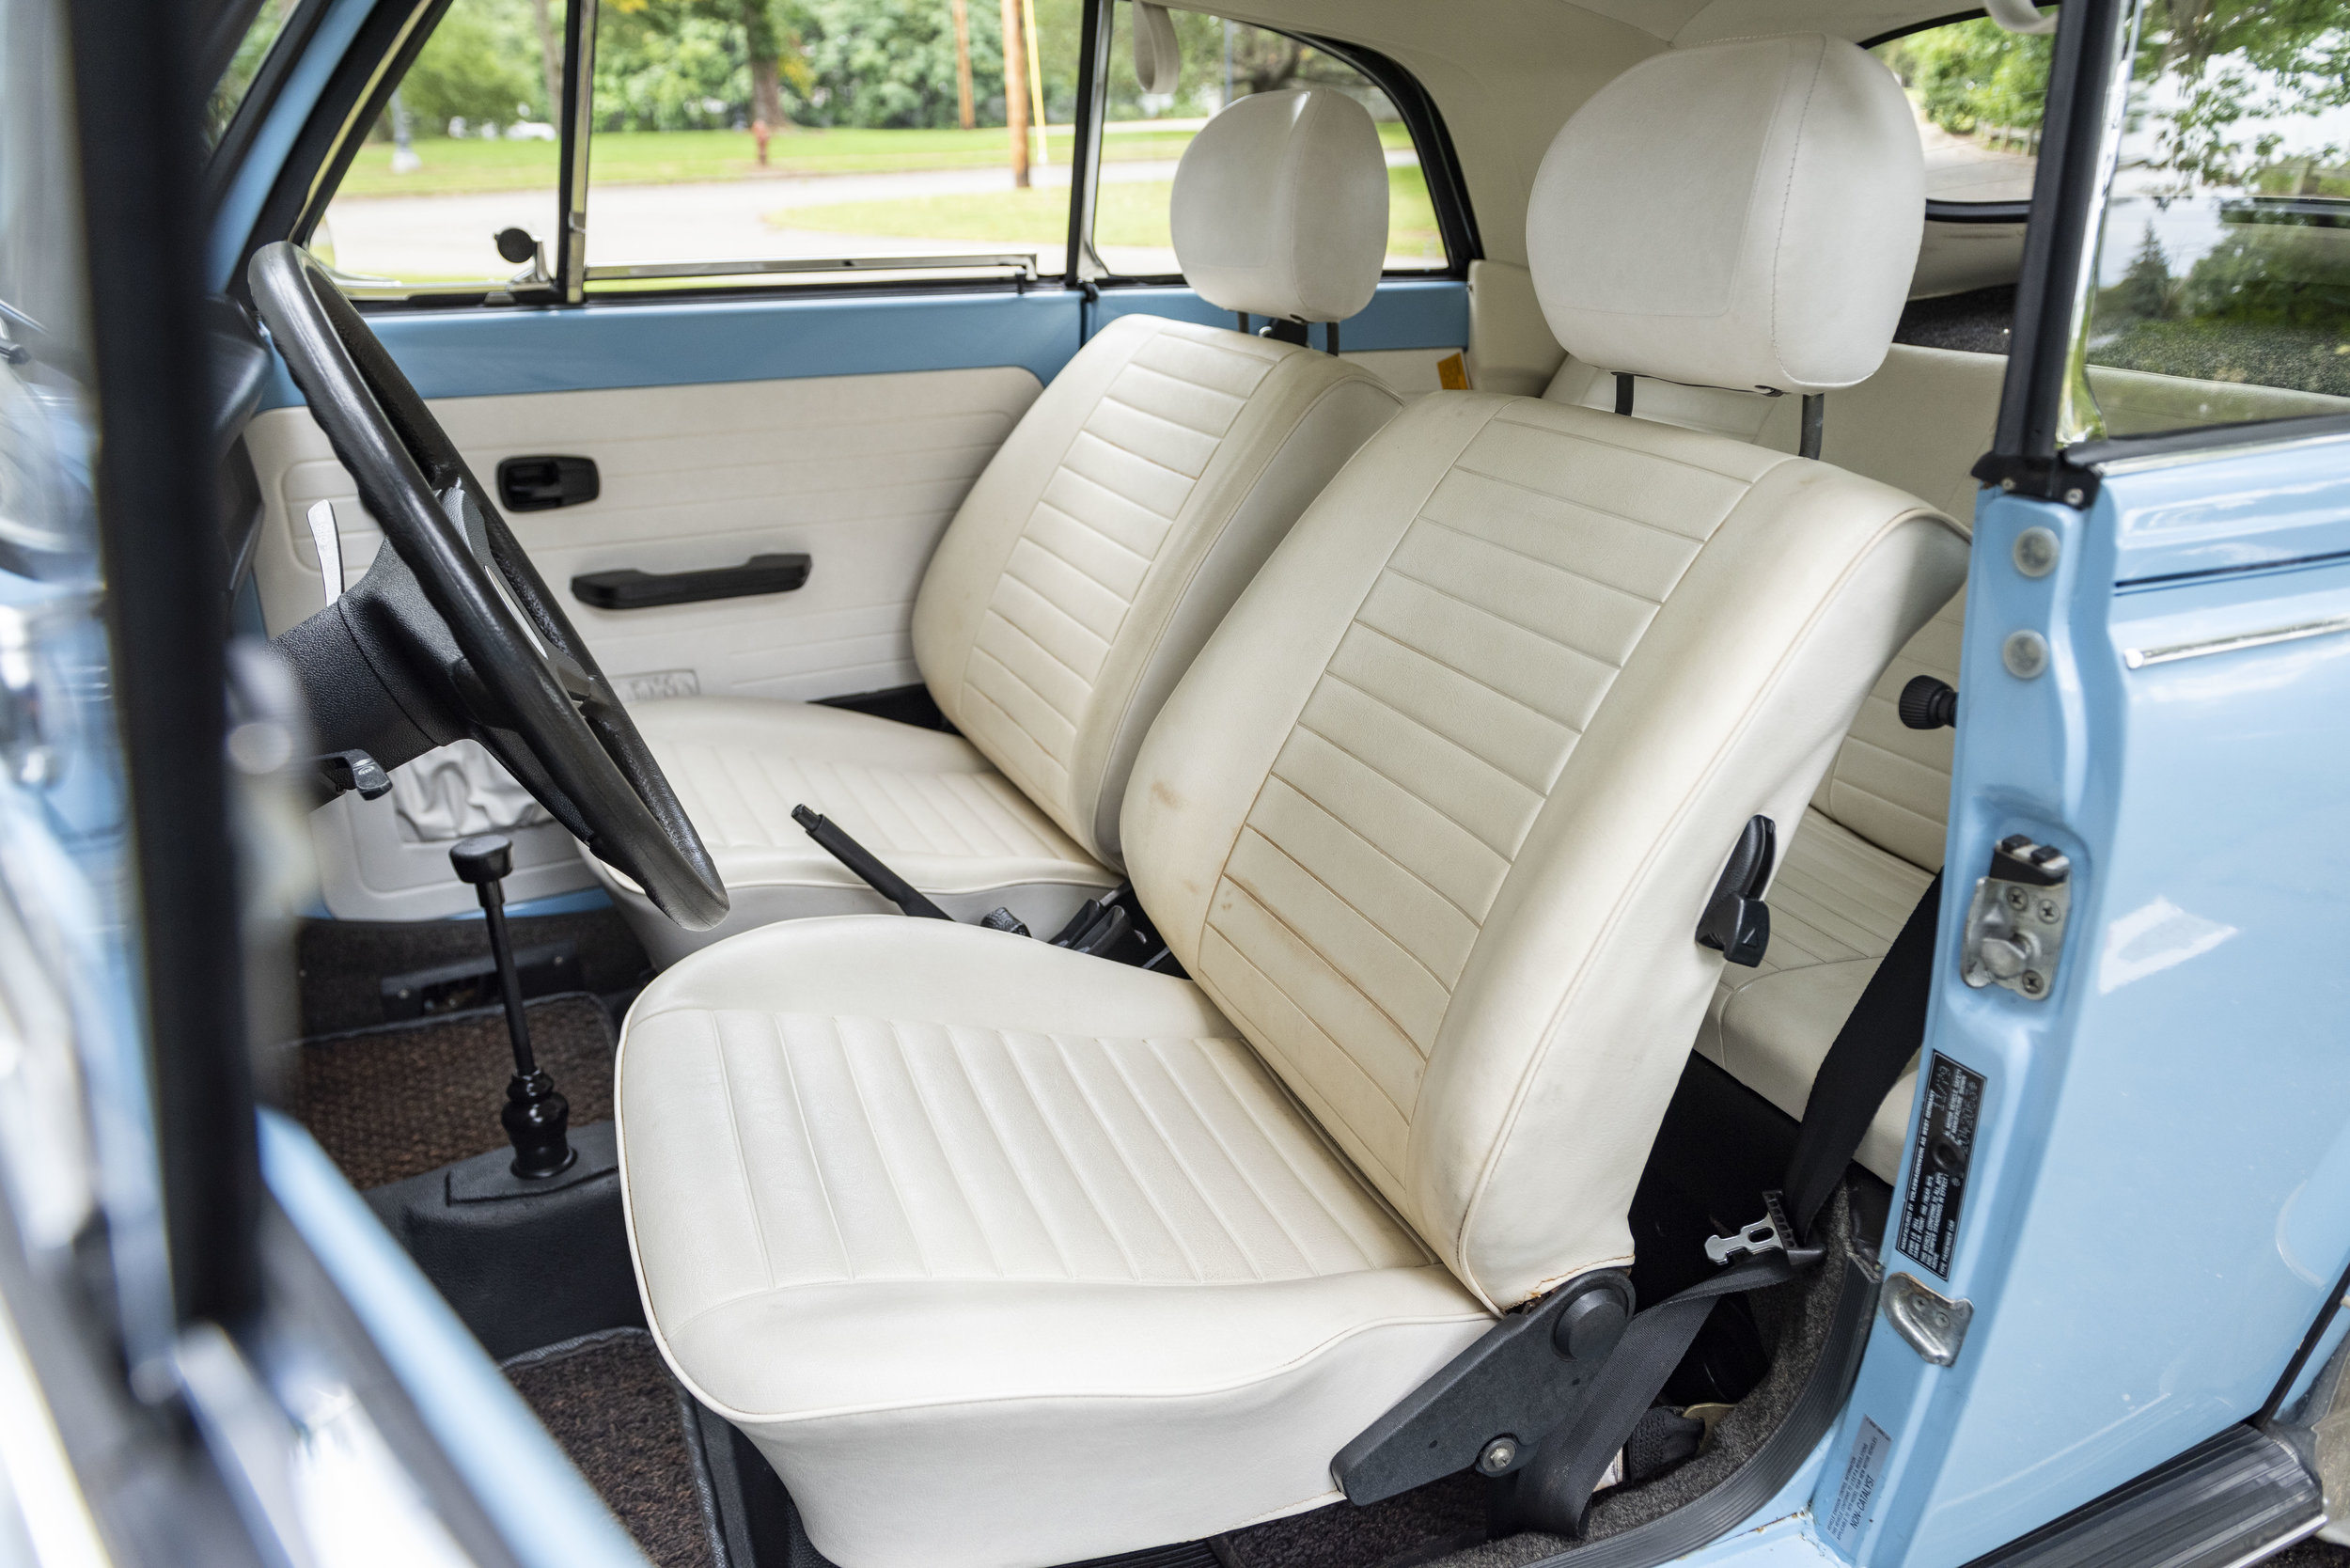 VW Bug Interior_005.JPG